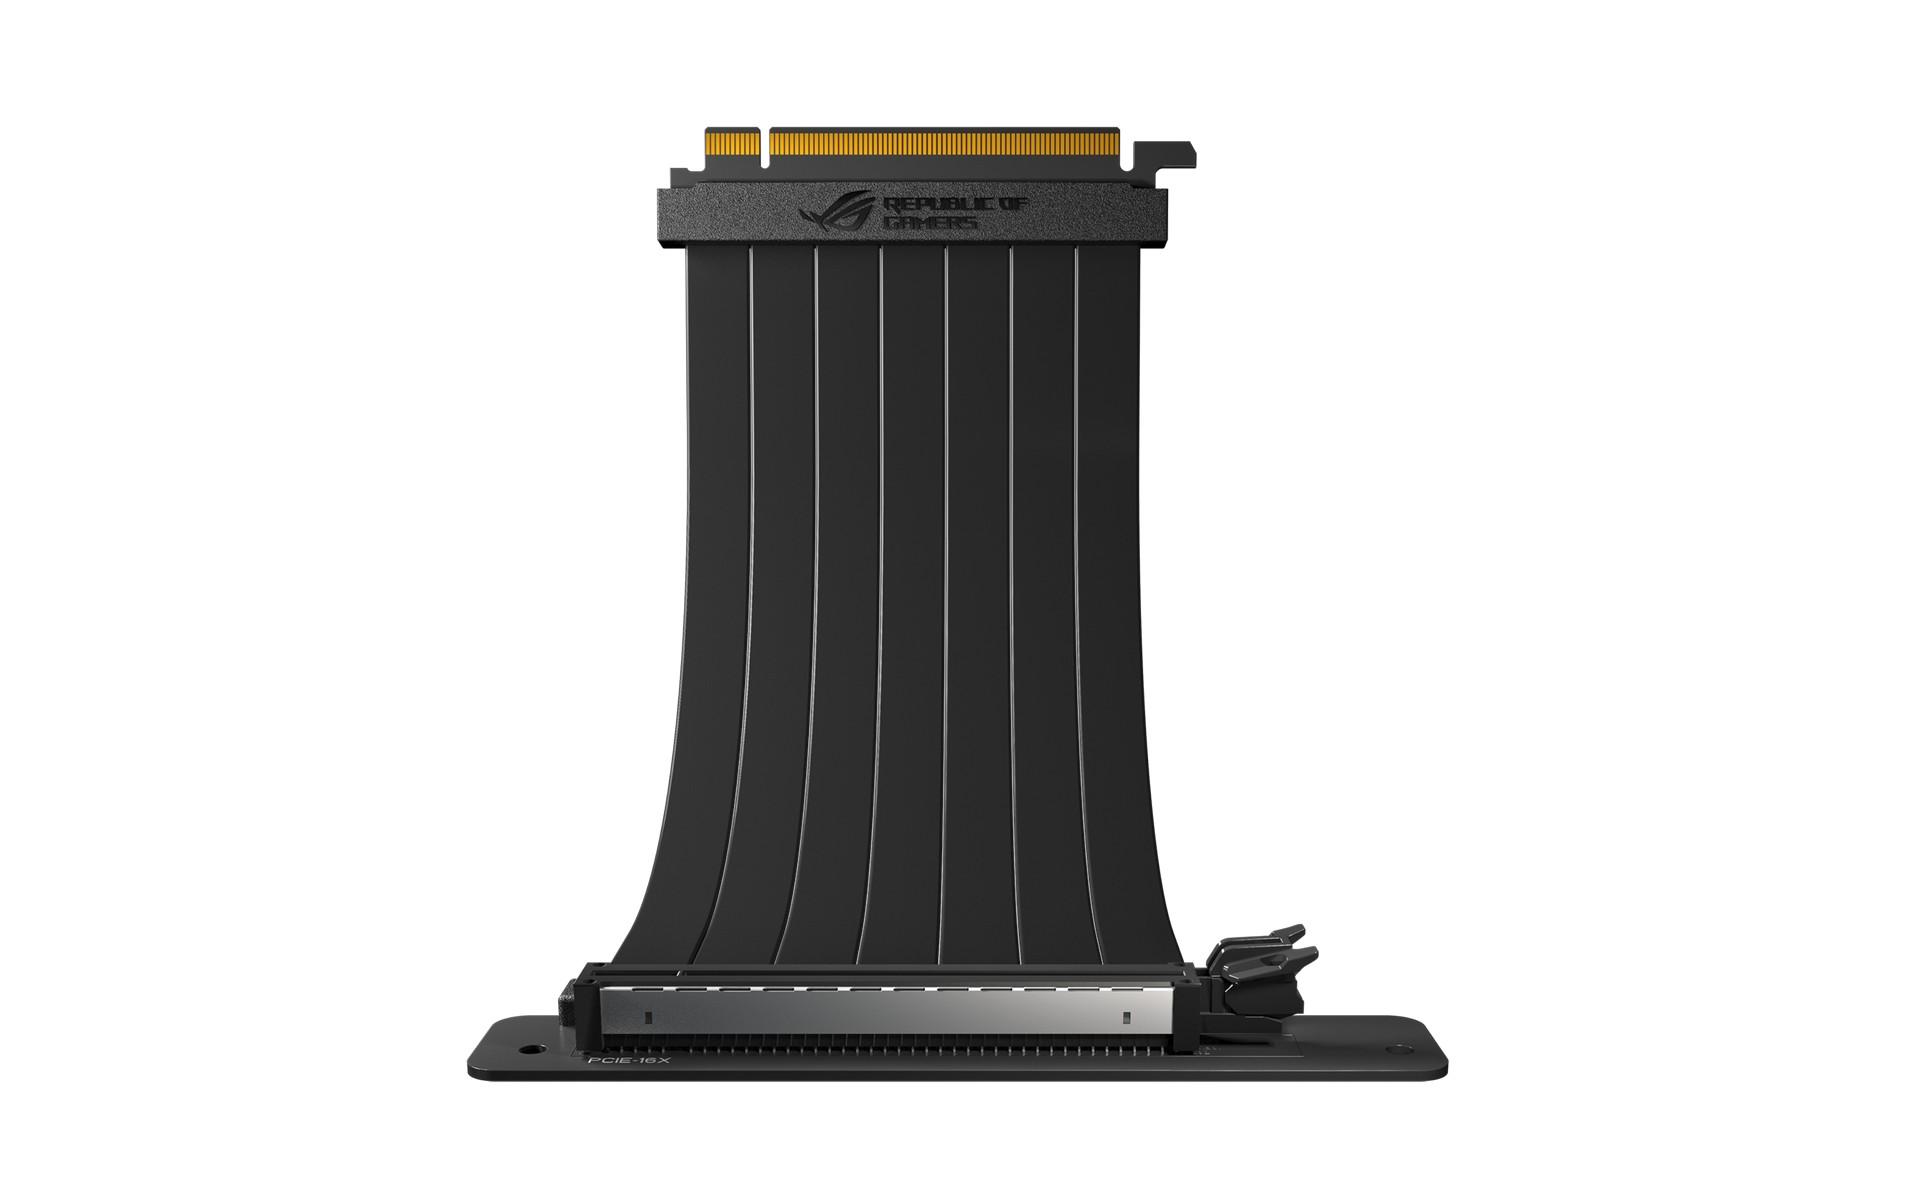 Cáp Nối Dài PCI-E 240mm ASUS ROG Strix Riser Cable